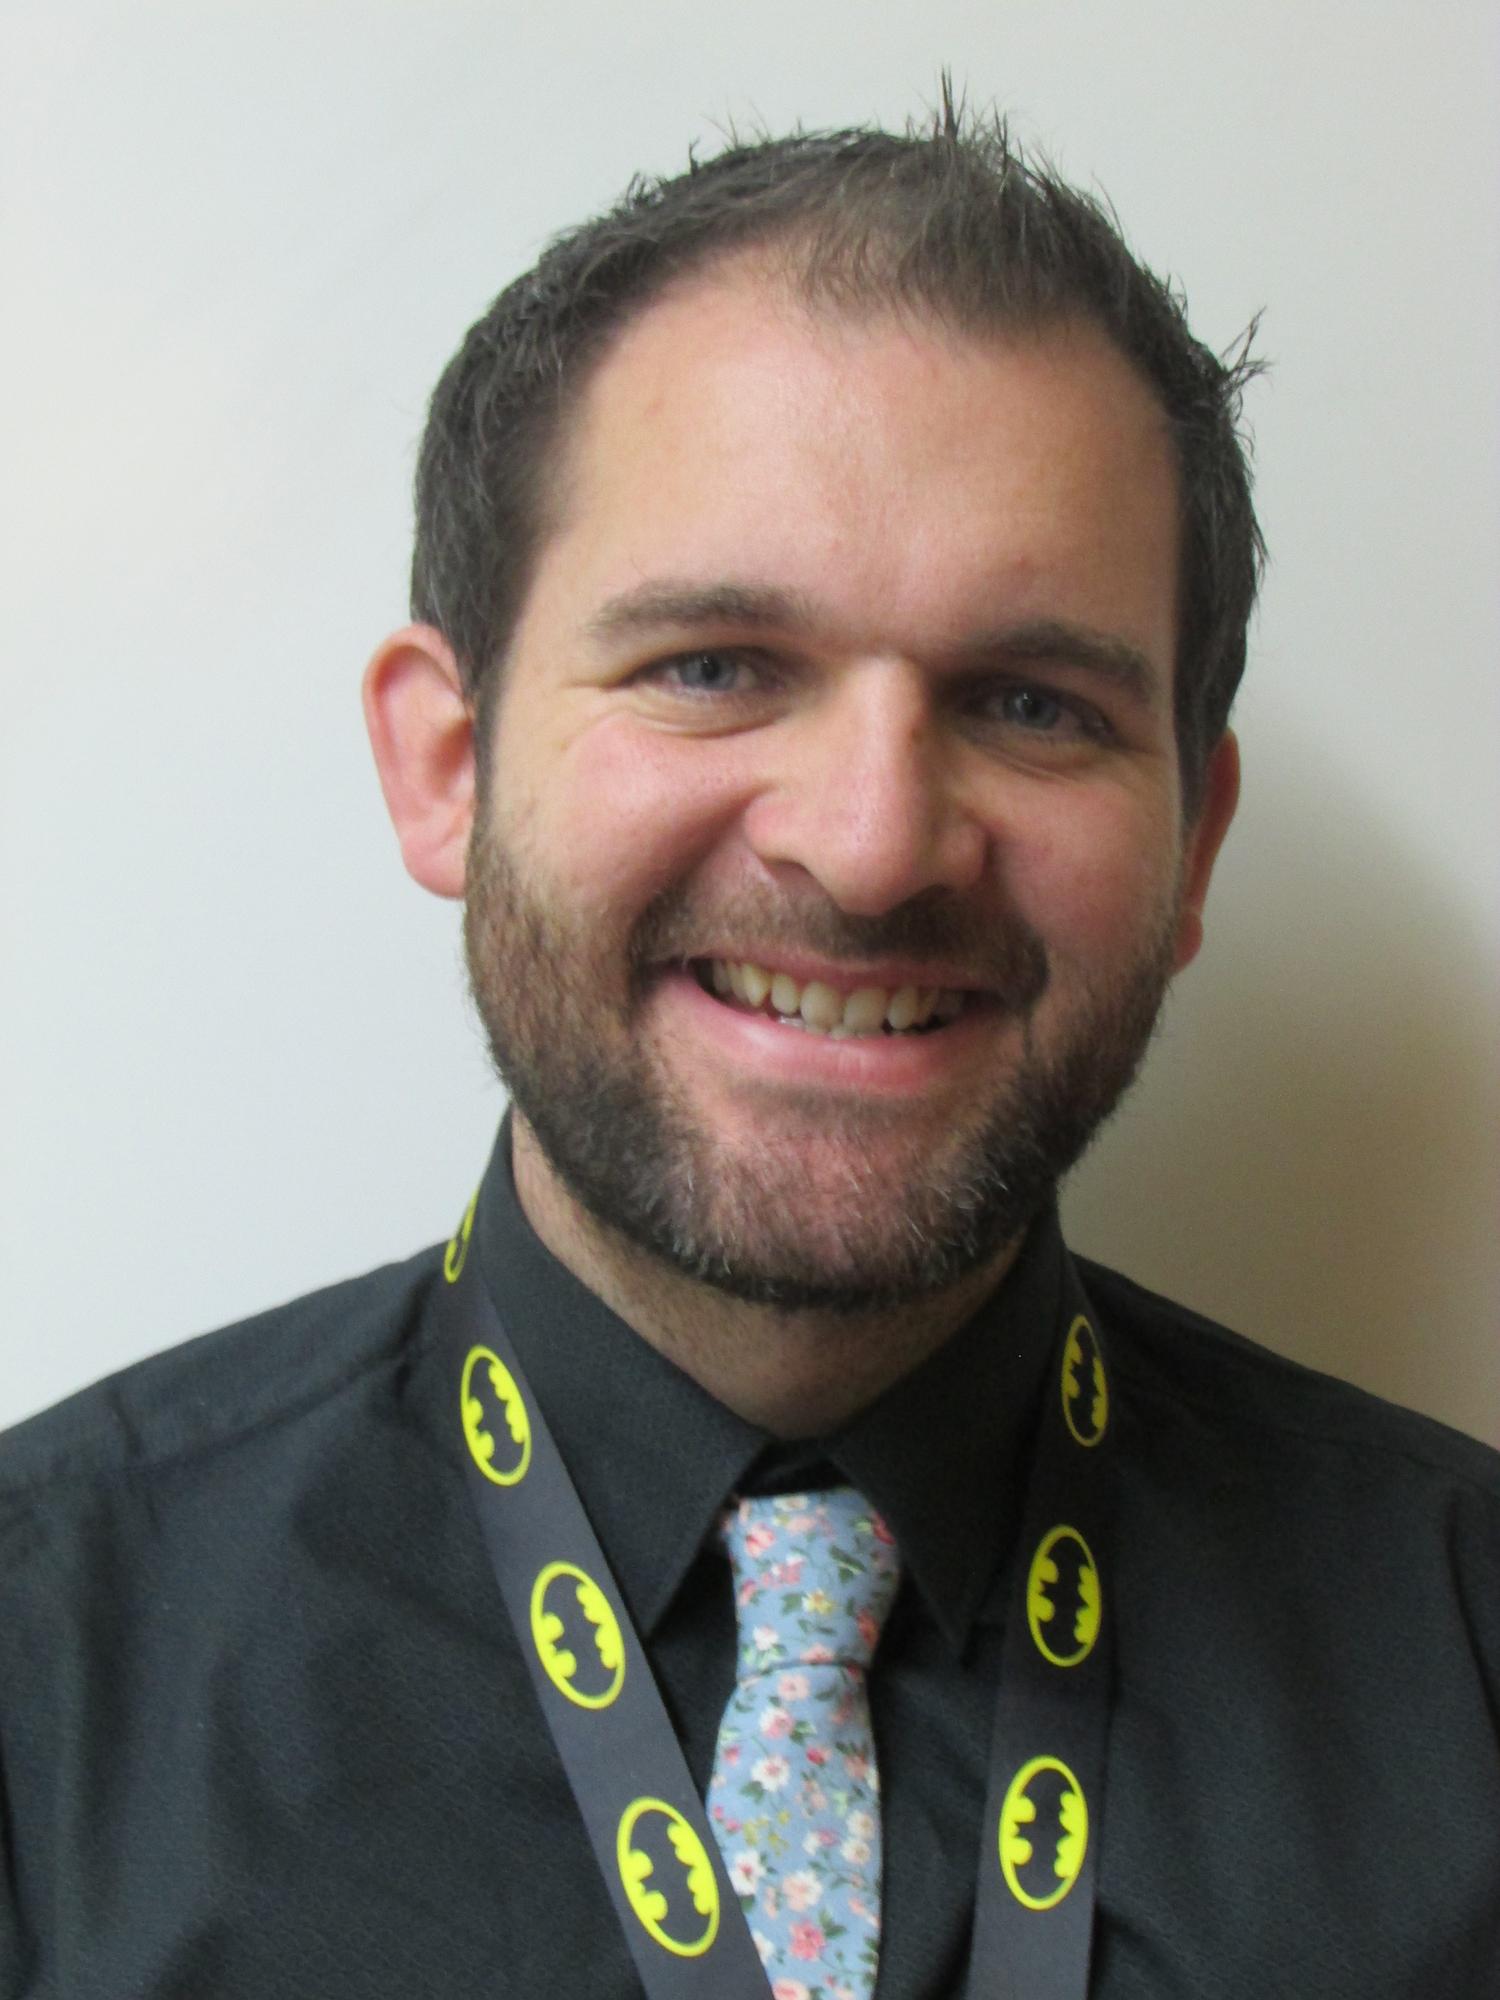 New Head Teacher at Horndale School